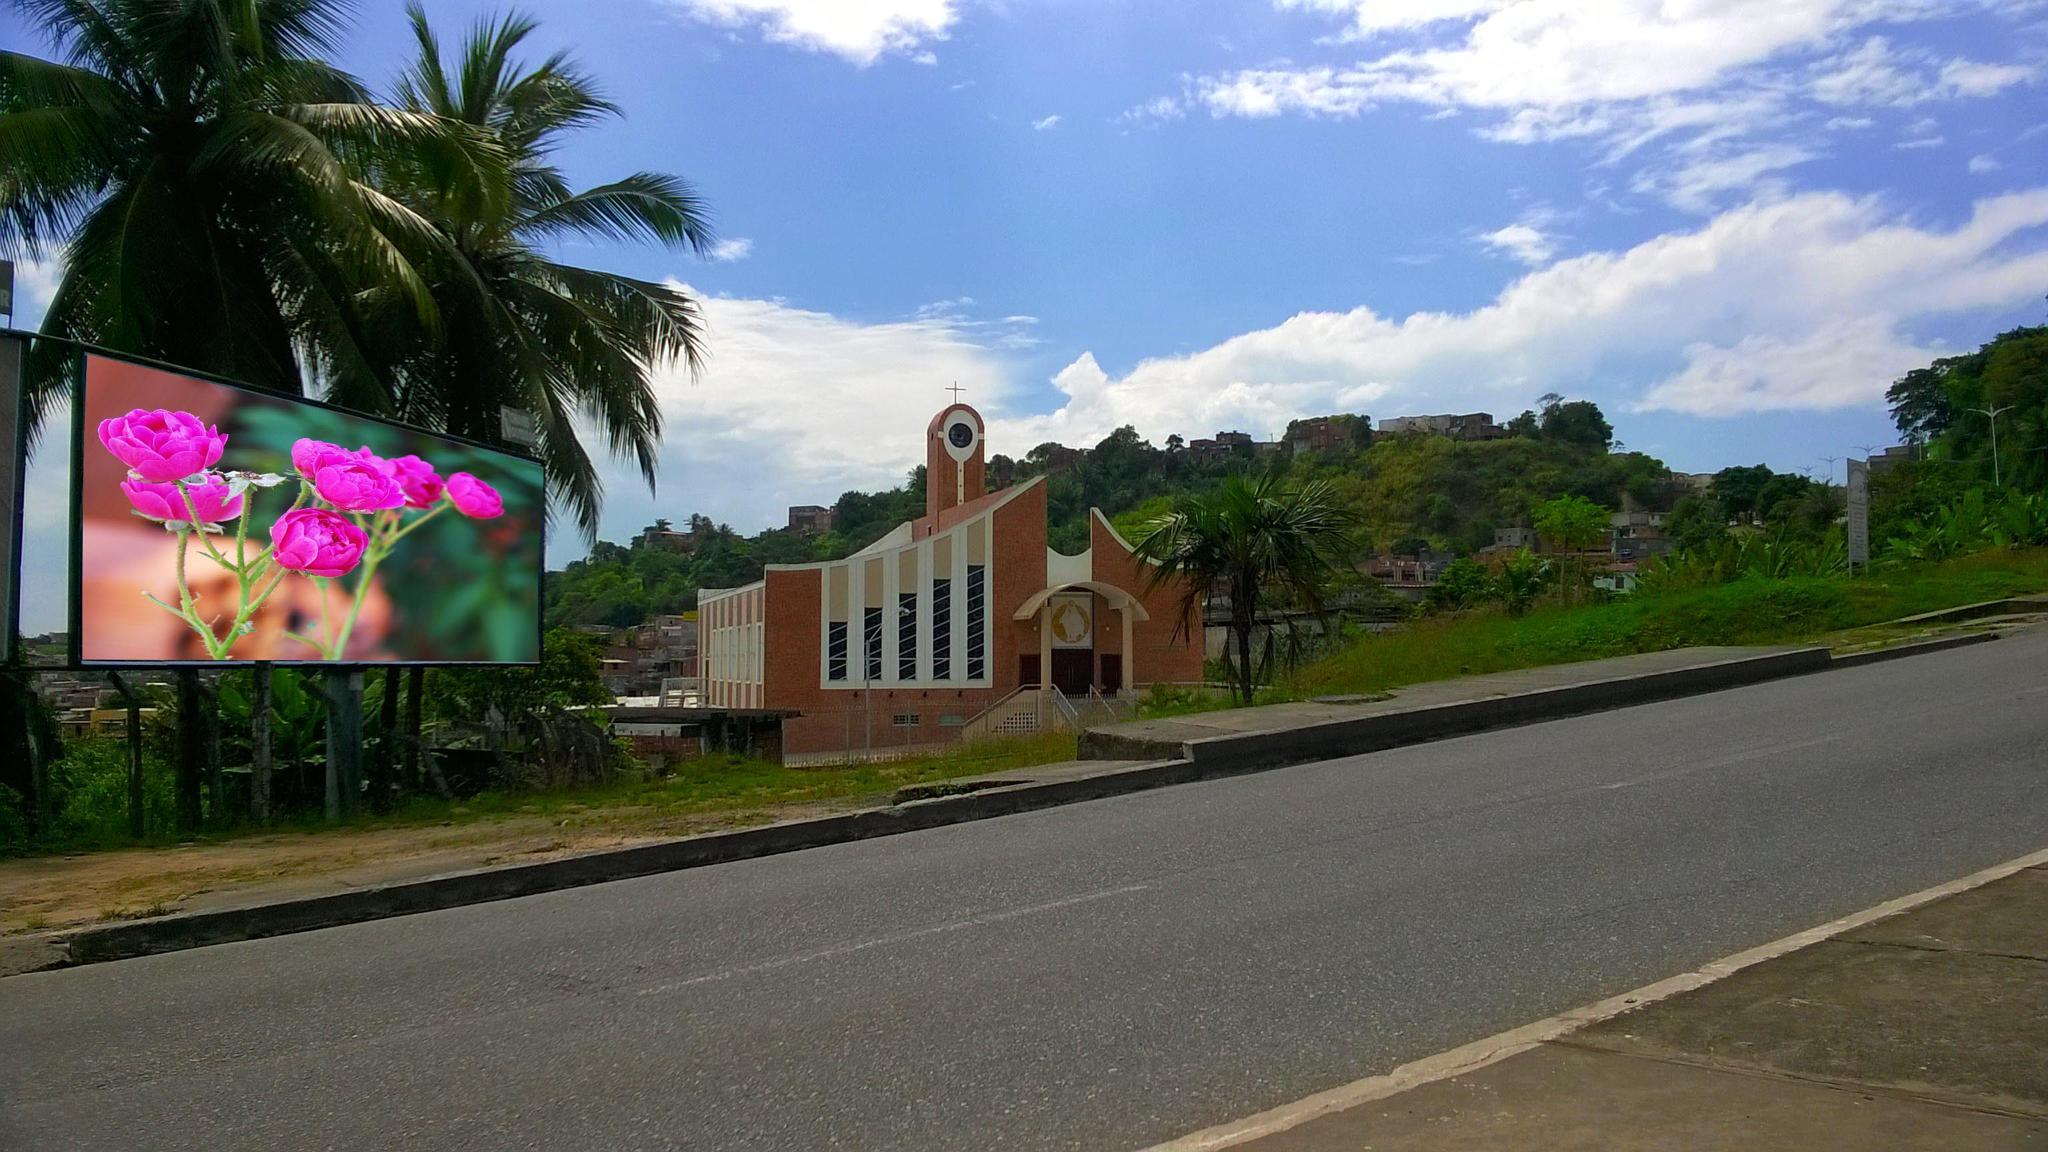 Igreja em Salvador Bahia  by Lau  Loko -Lokos Por Imagens